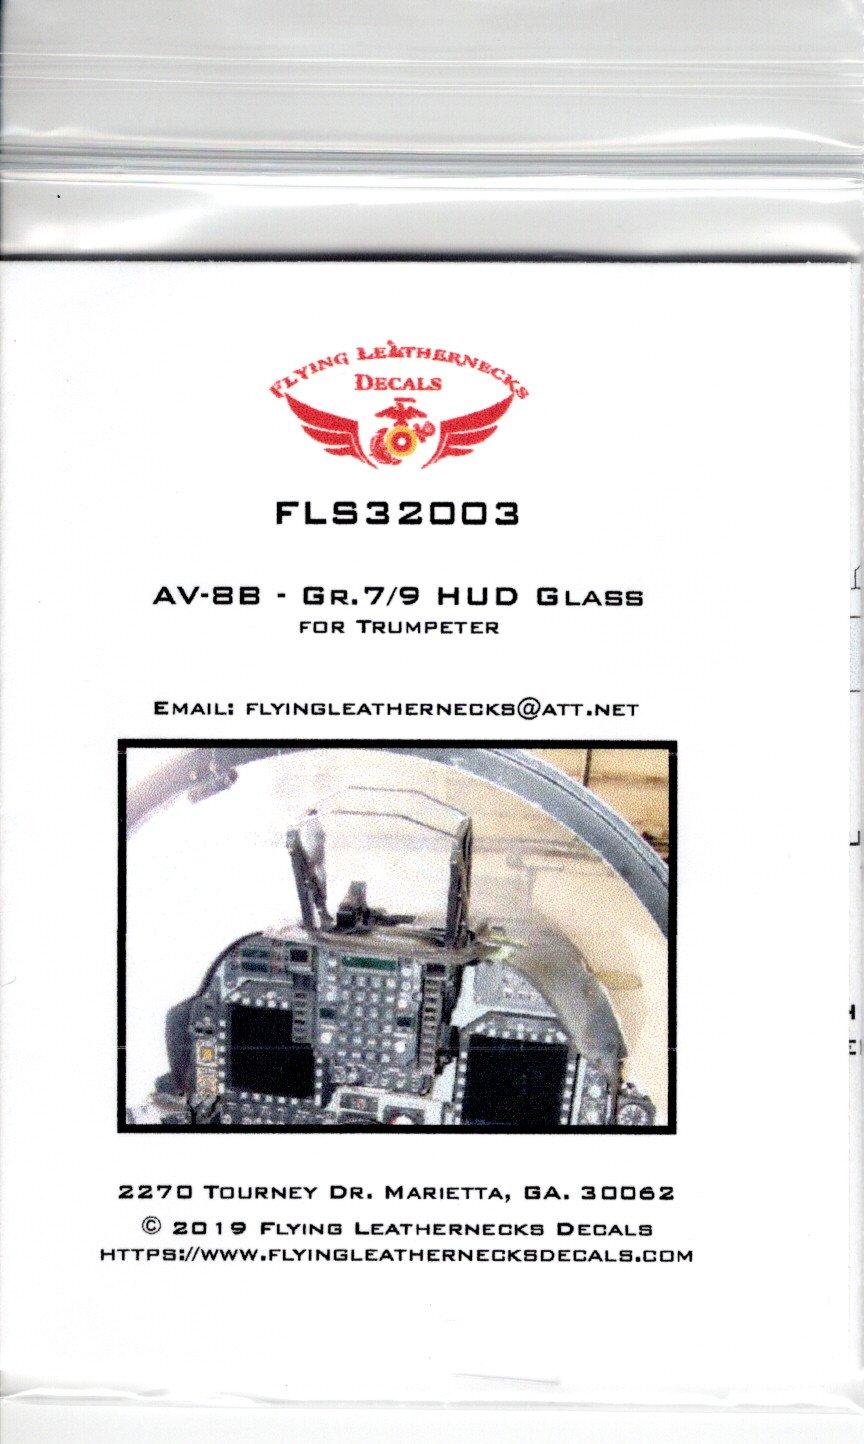 FLS32003